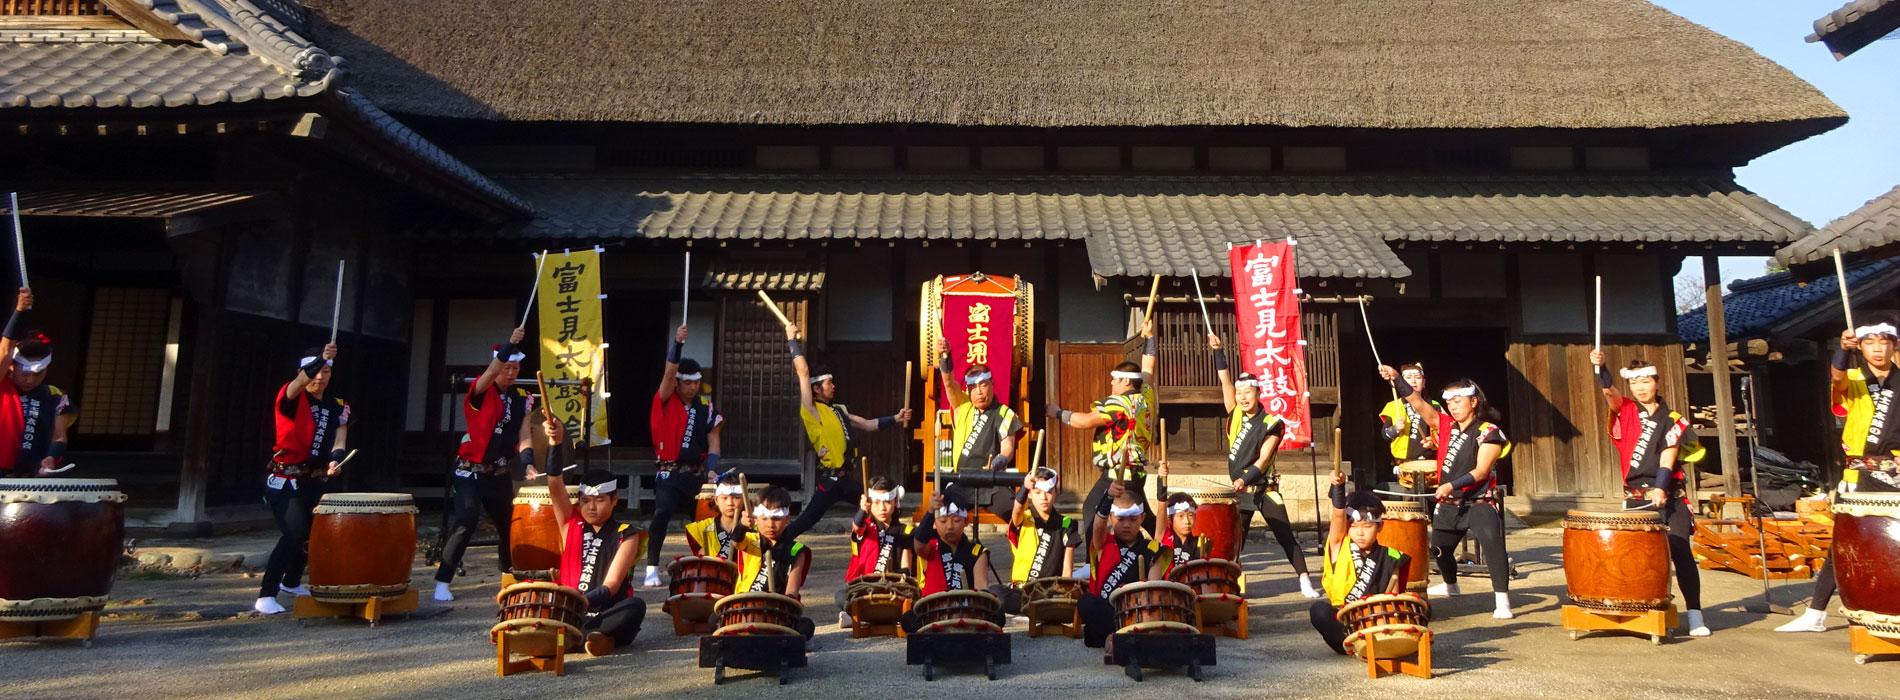 富士見太鼓の会 疾風